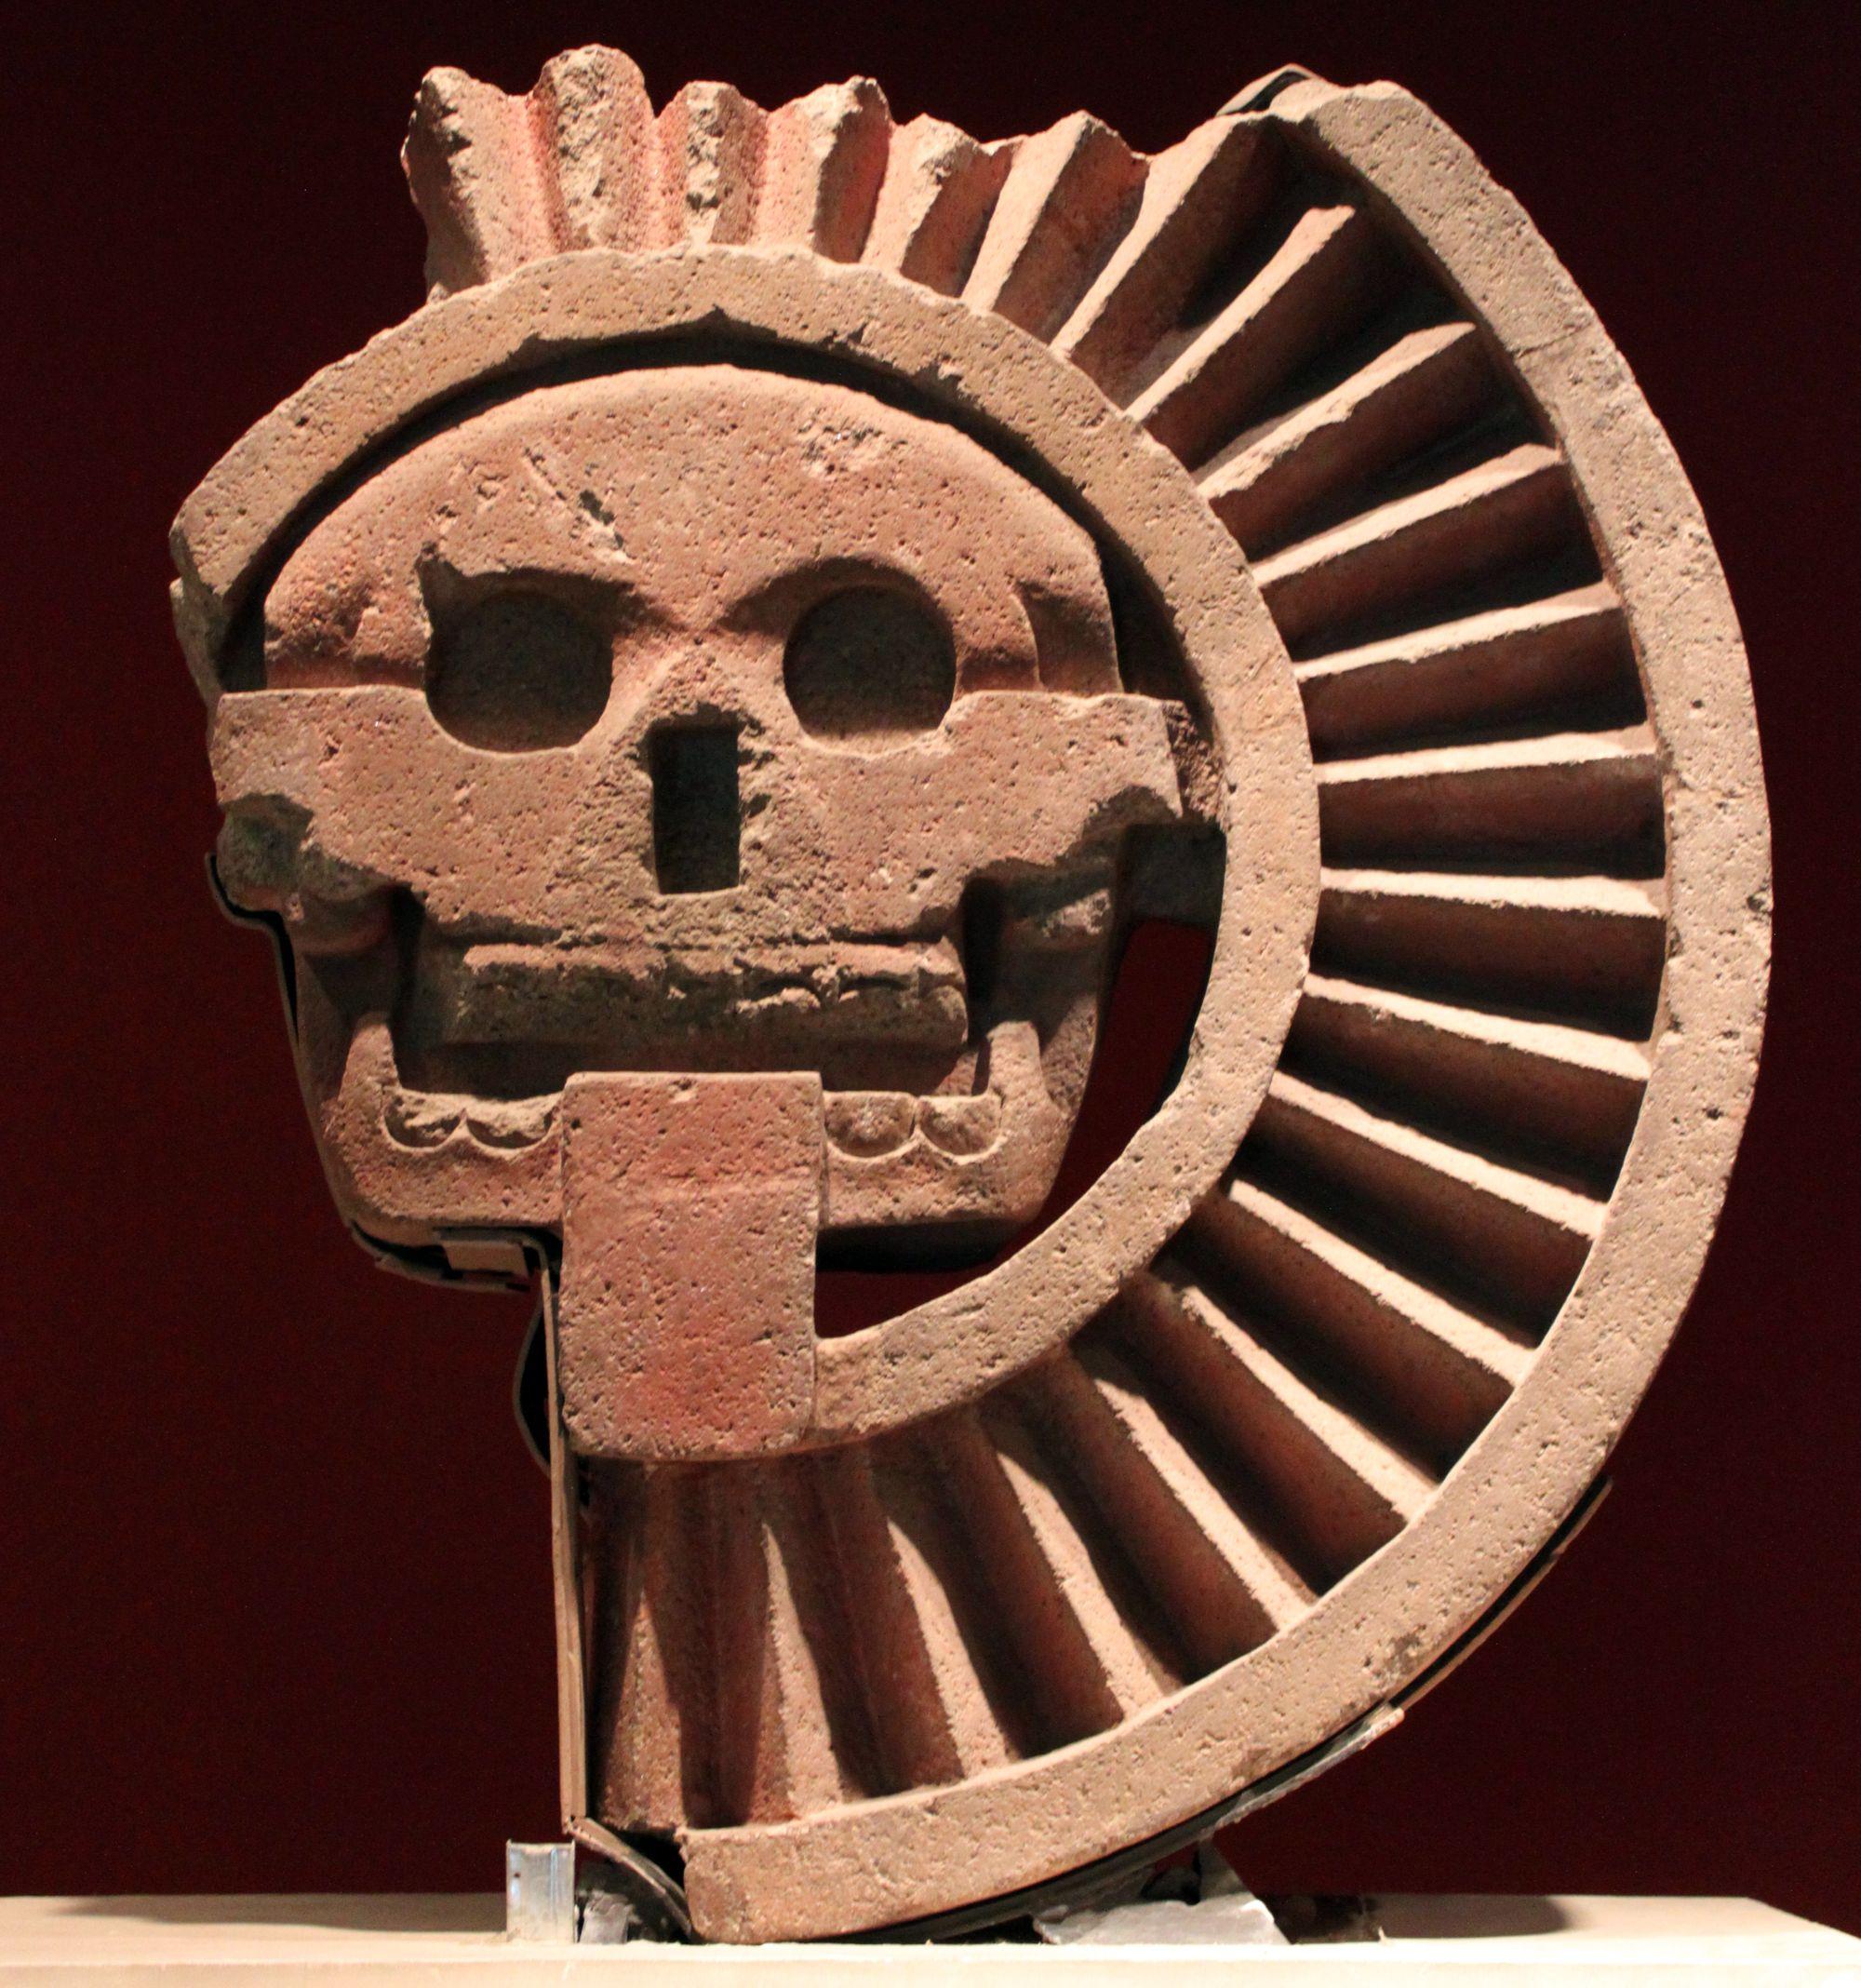 Las deidades del inframundo azteca son Mictlantecuhtli el señor del inframundo y Mictlantecacíhuatl, su esposa.